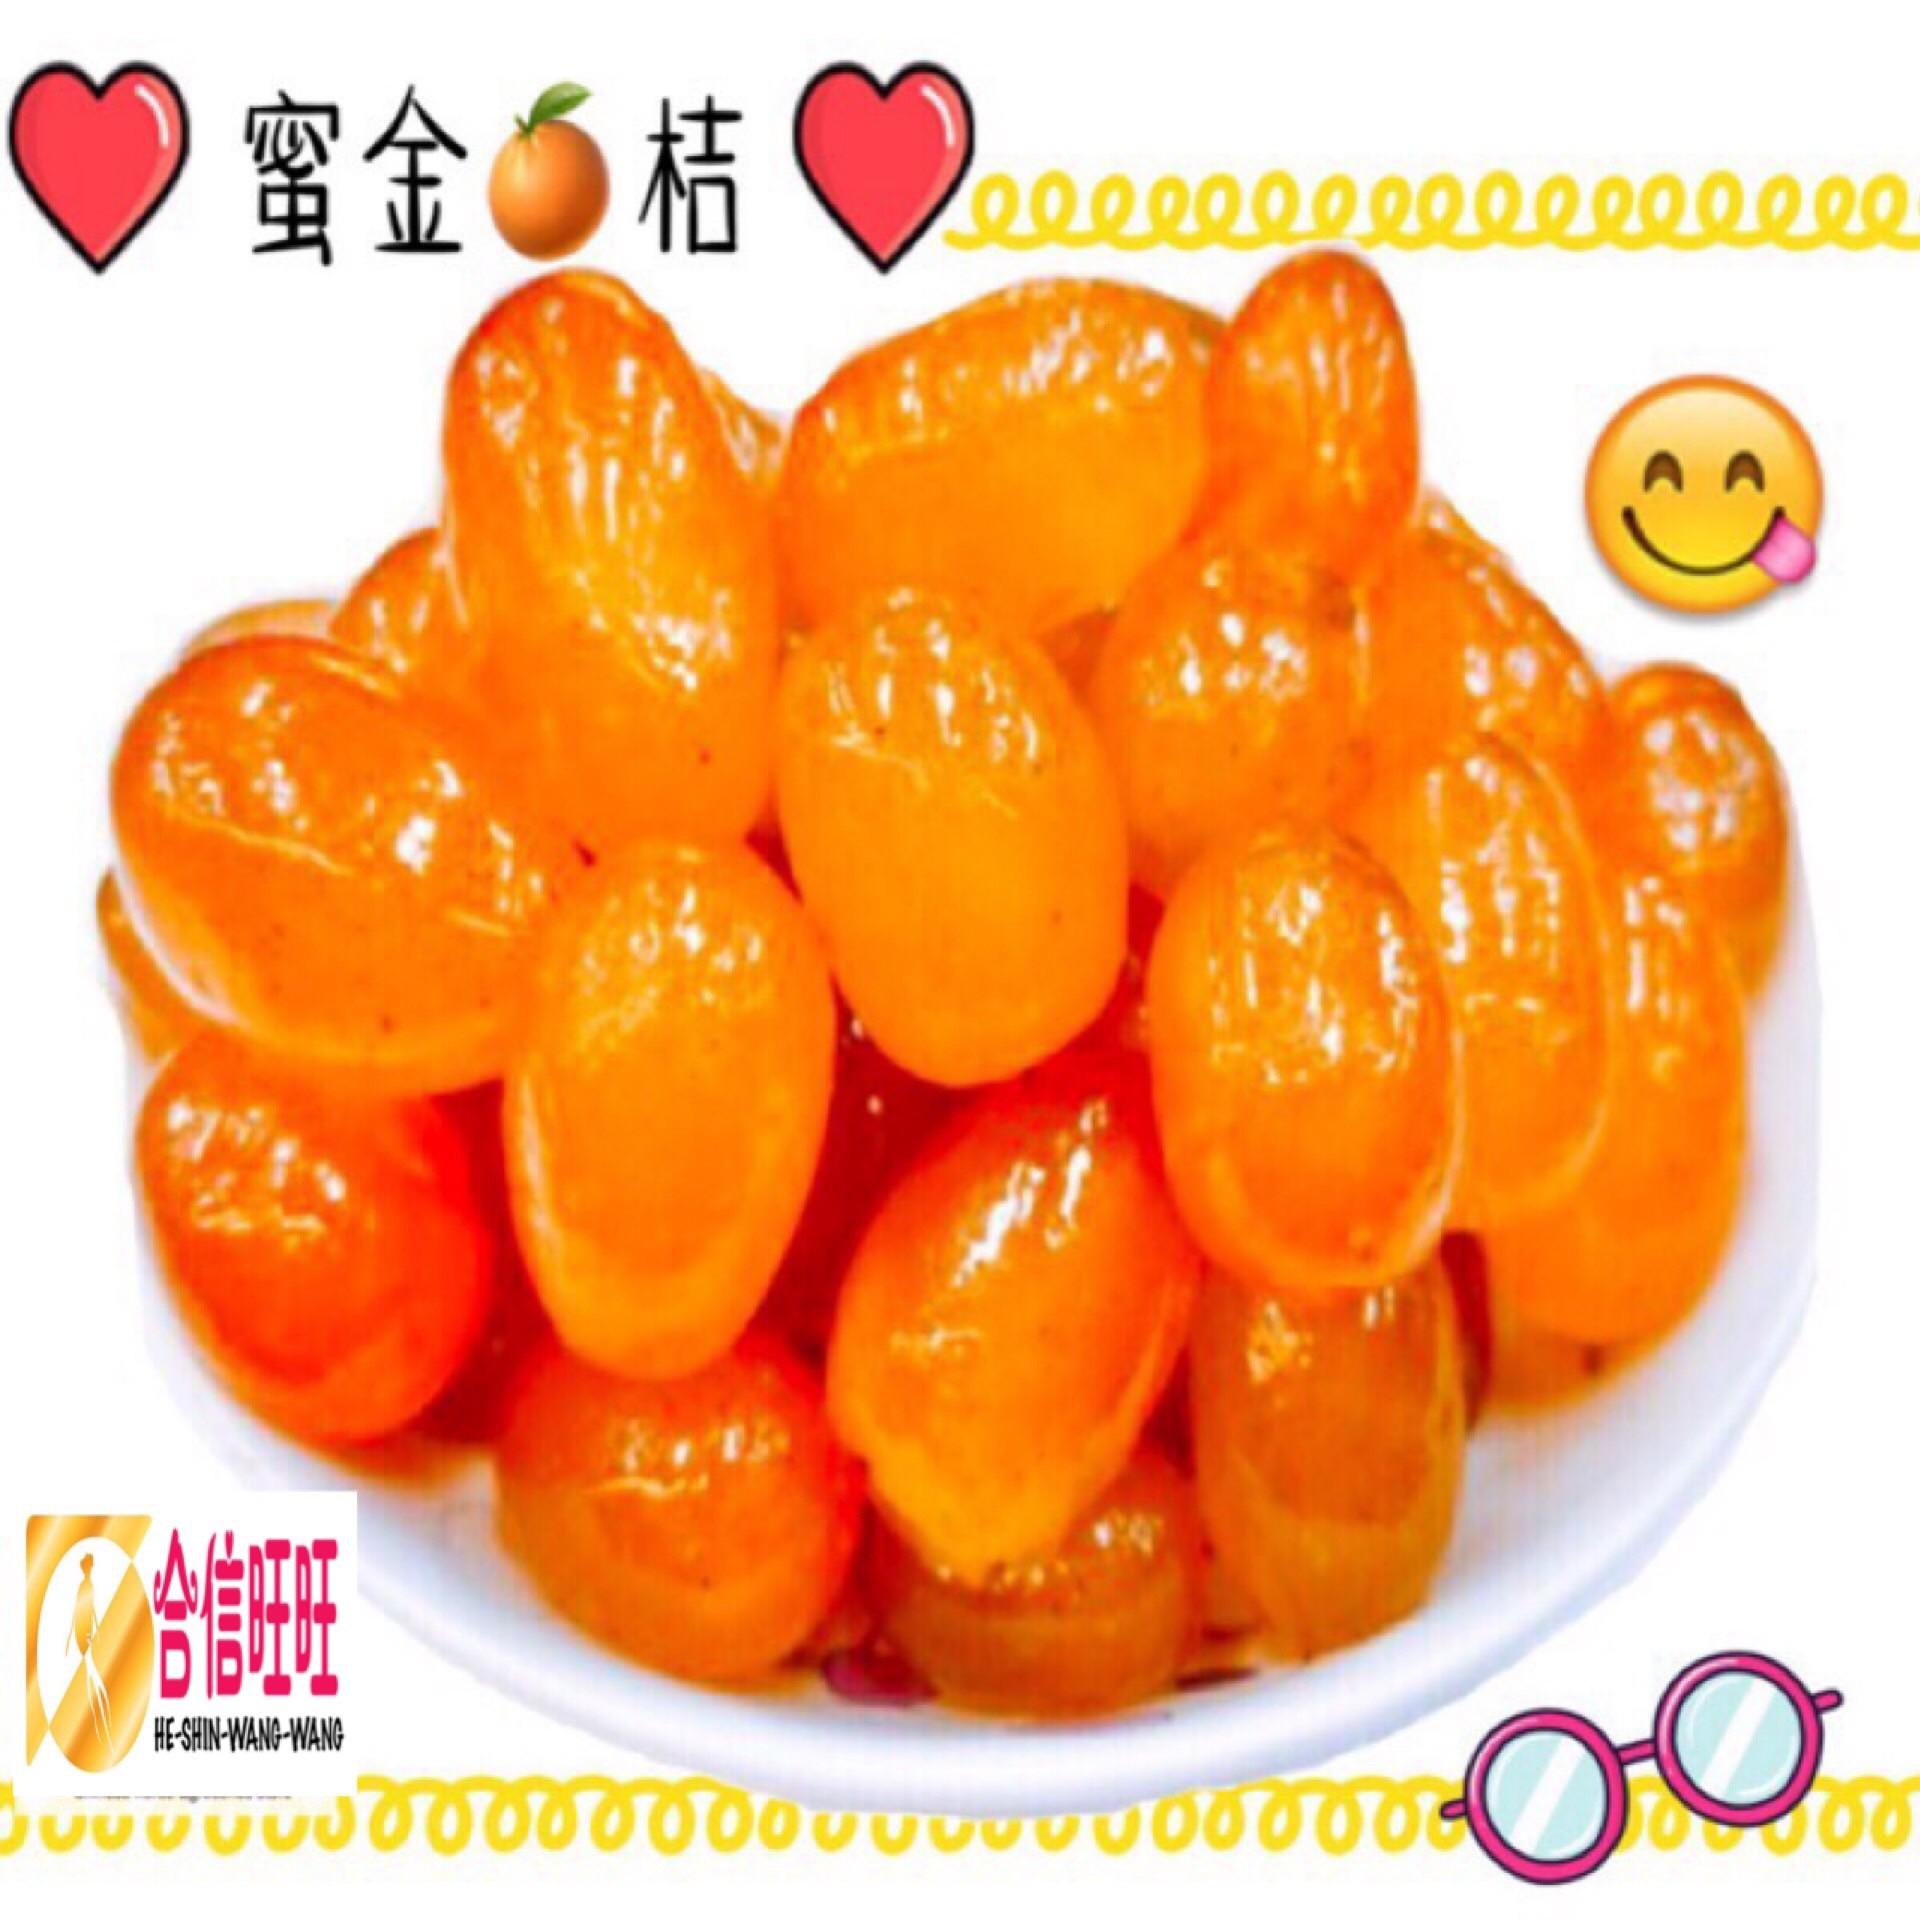 【蜜金桔】300g╱黃金果肉 柔軟香Q